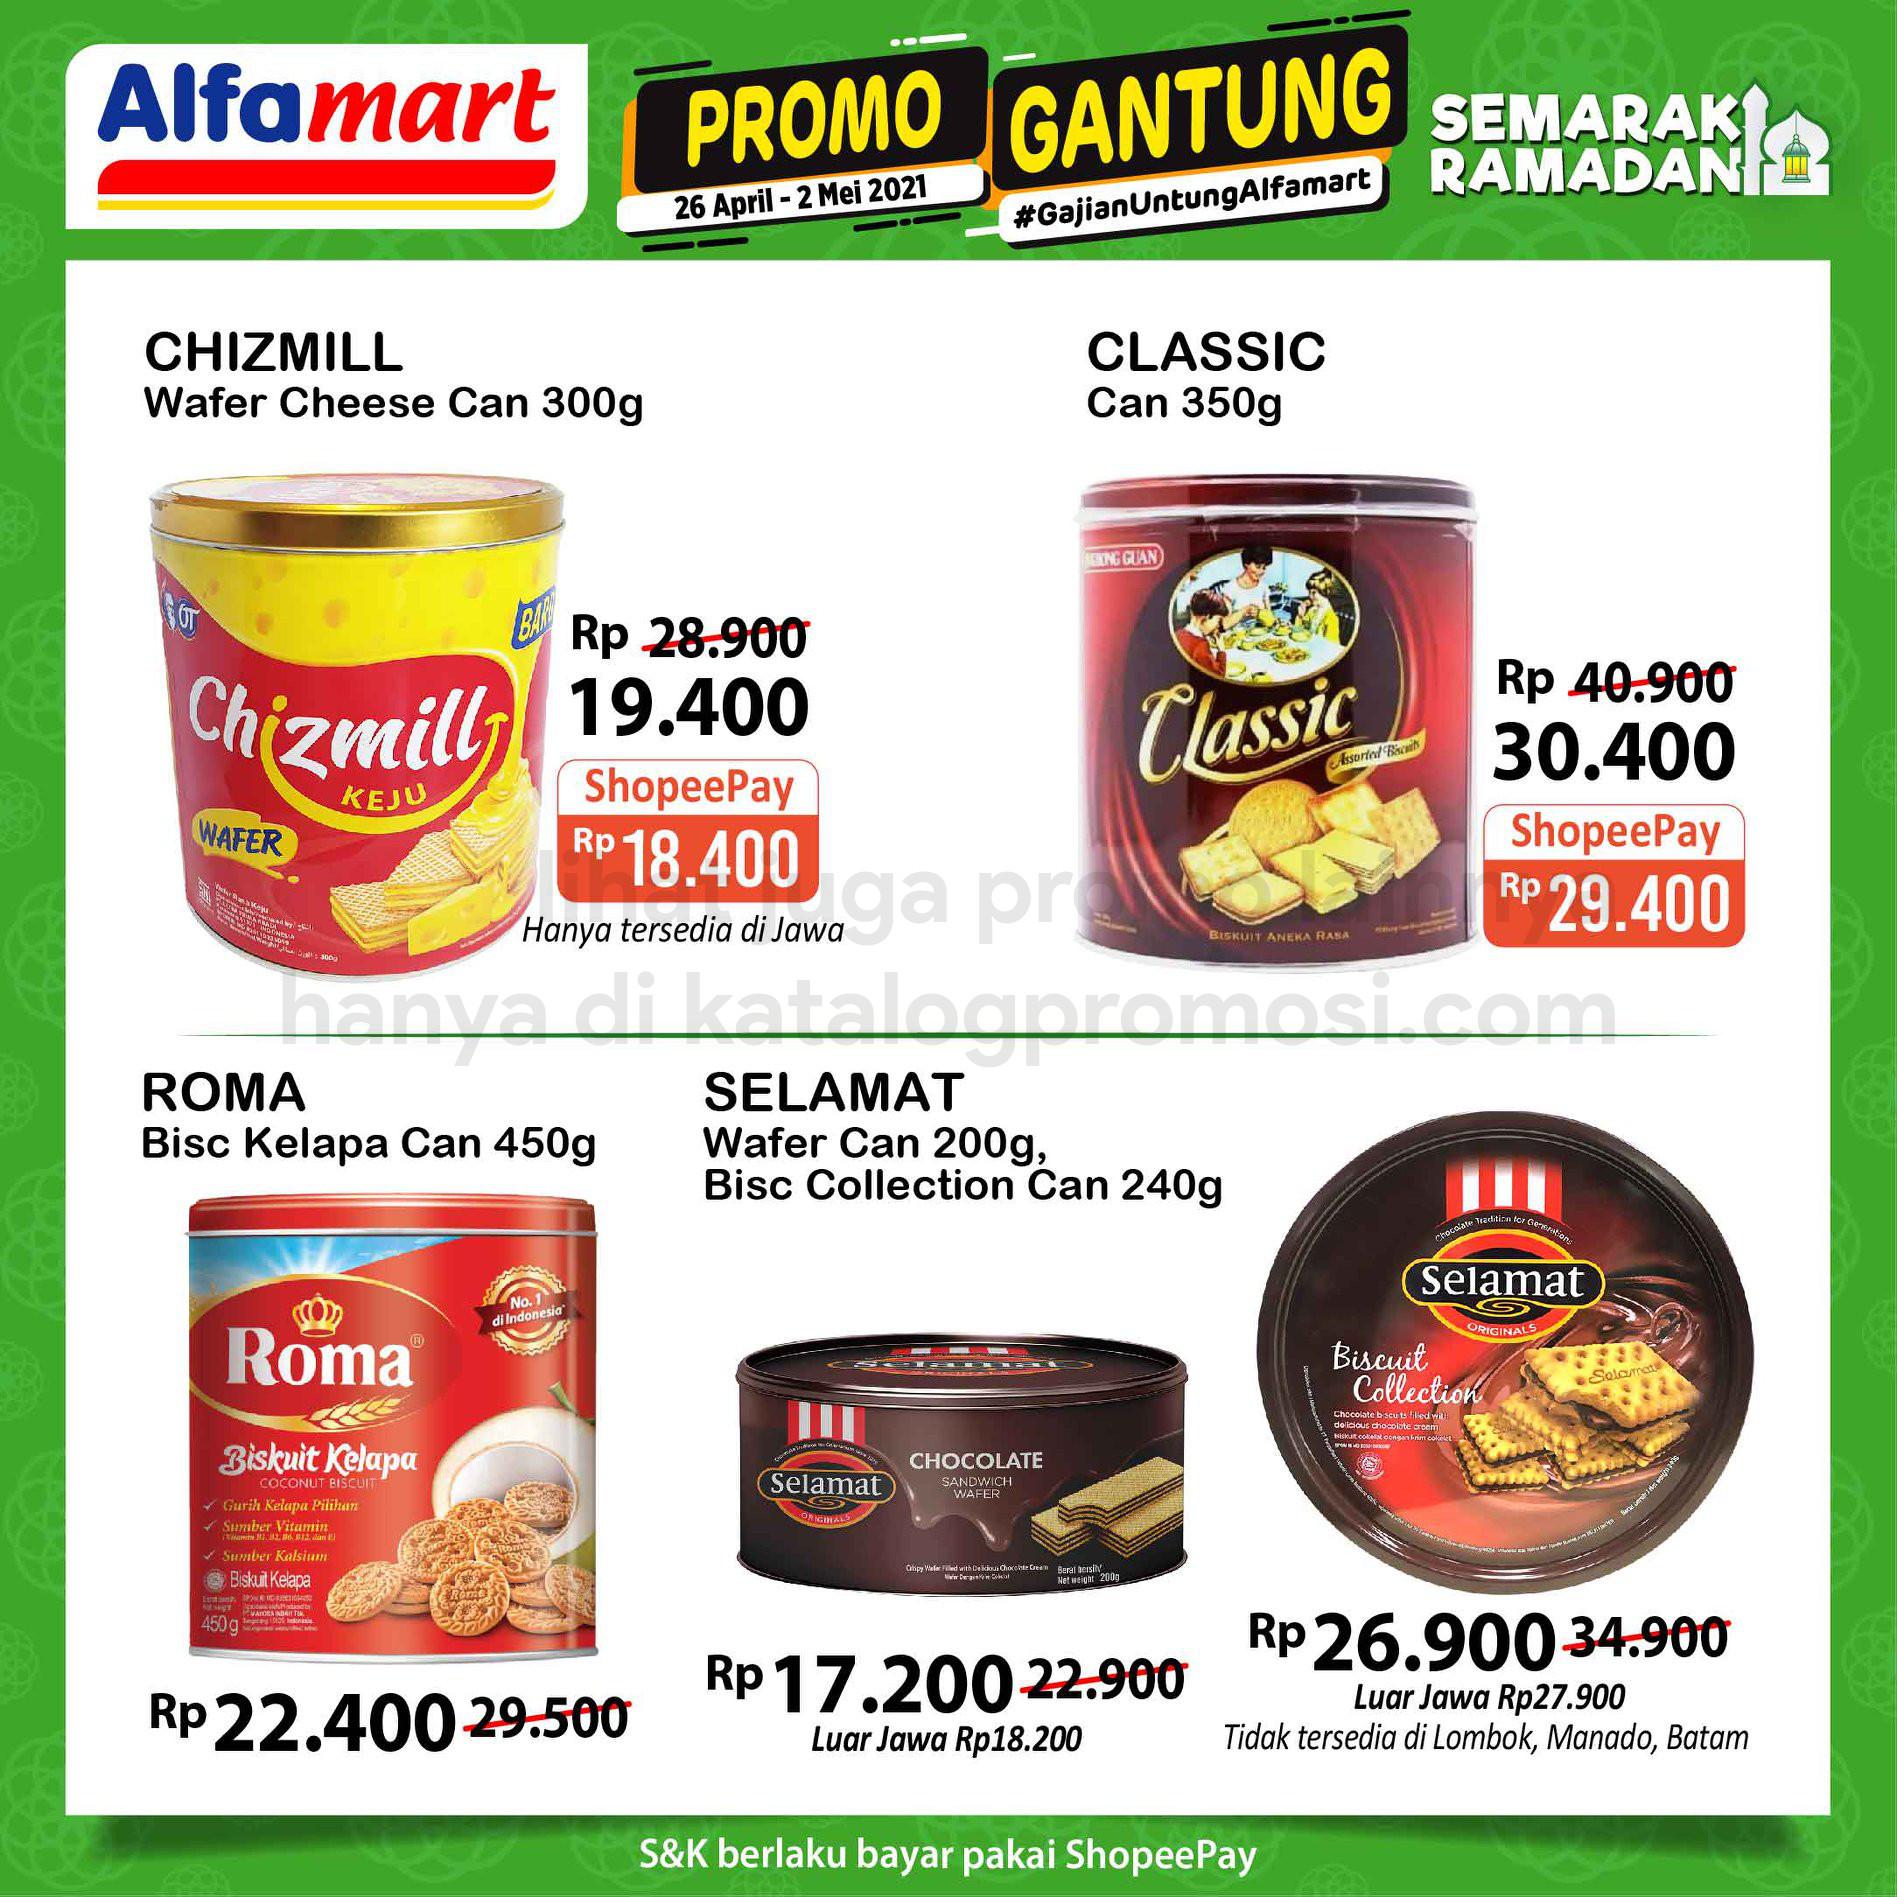 Promo GANTUNG ALFAMART / GAJIAN UNTUNG periode 26 April - 02 Mei 2021